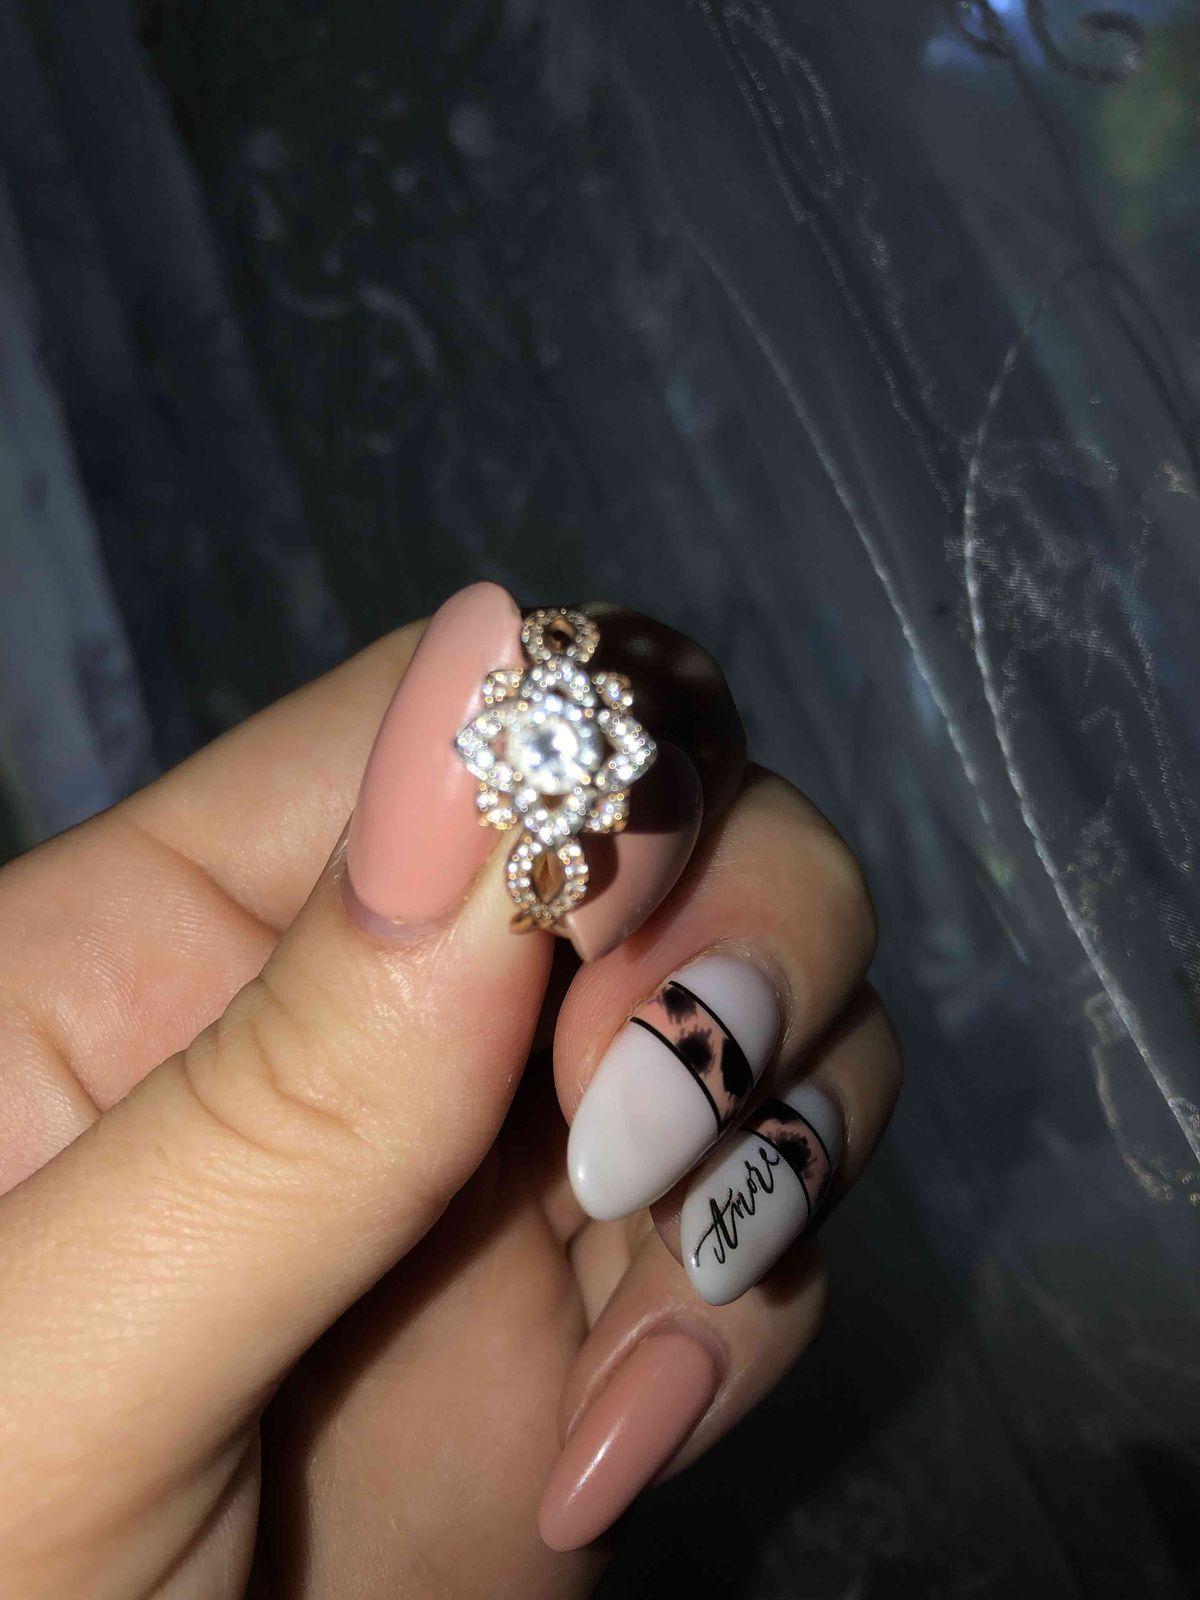 Очень красивое кольцо, изящно сидит на руке, камушки не повыпадали, золото